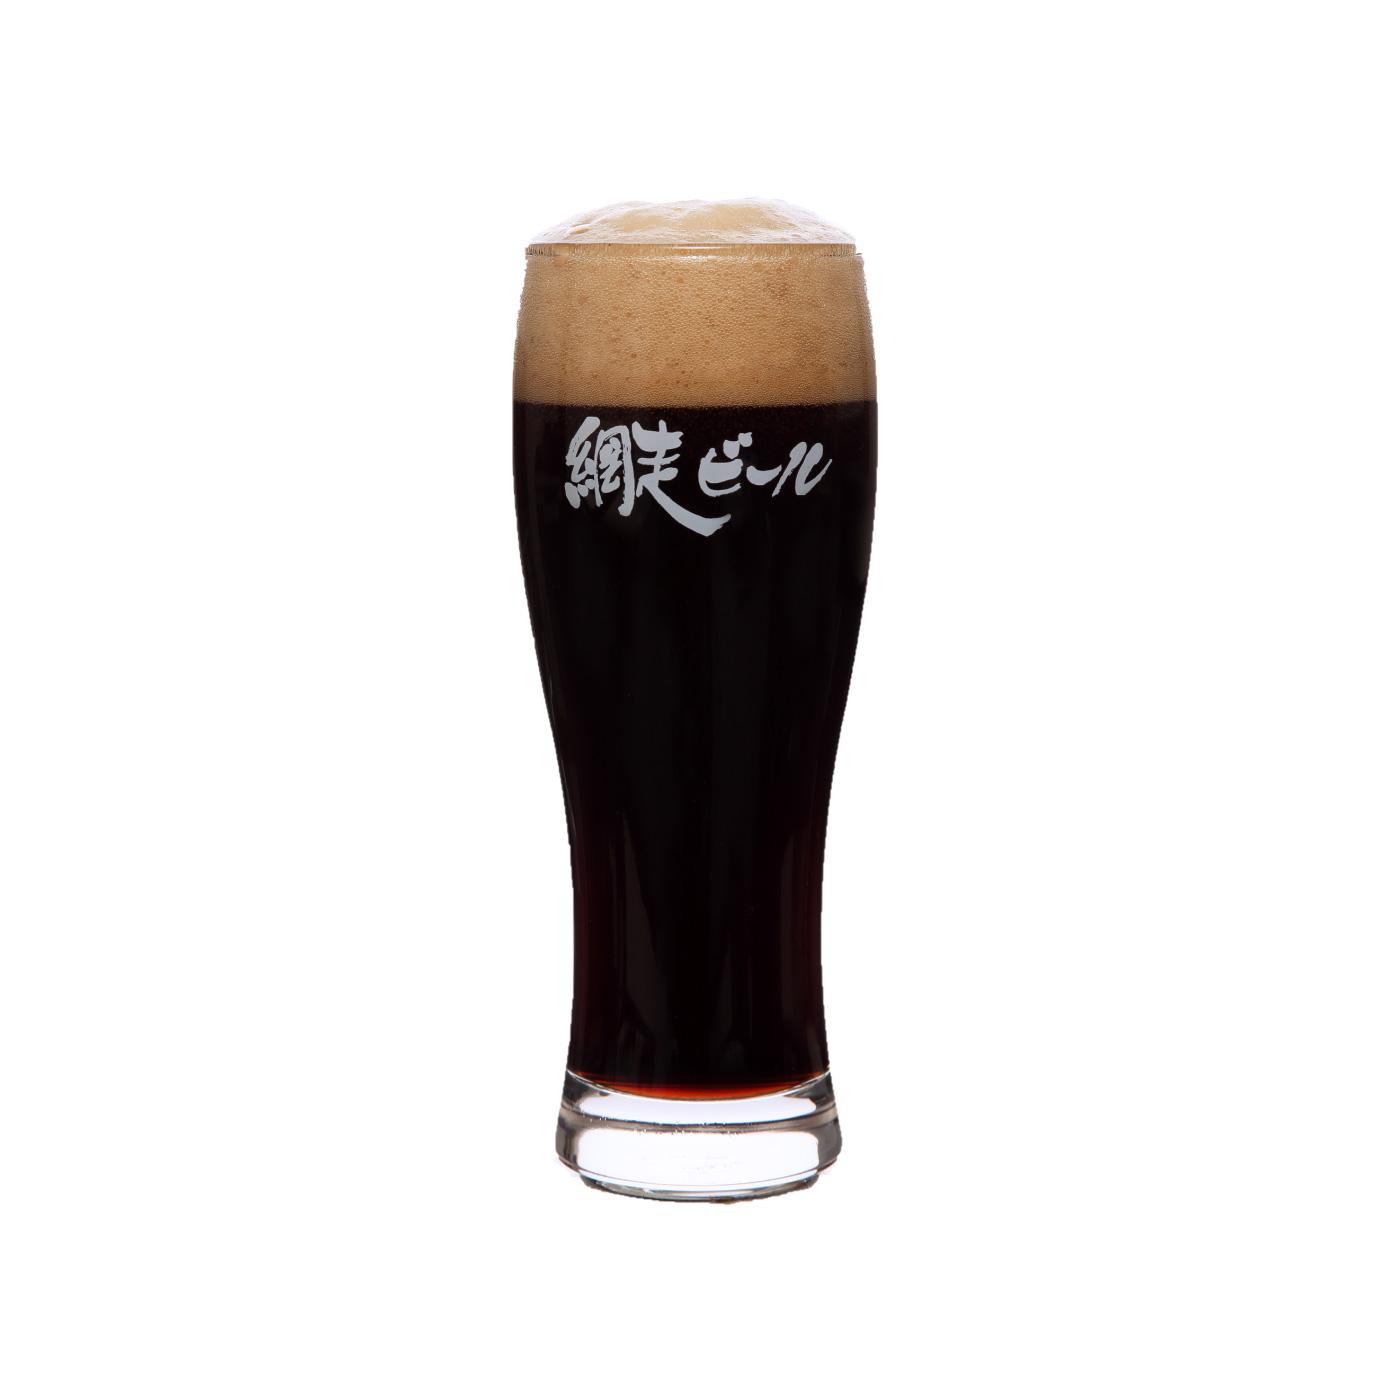 網走ビール 監極の黒